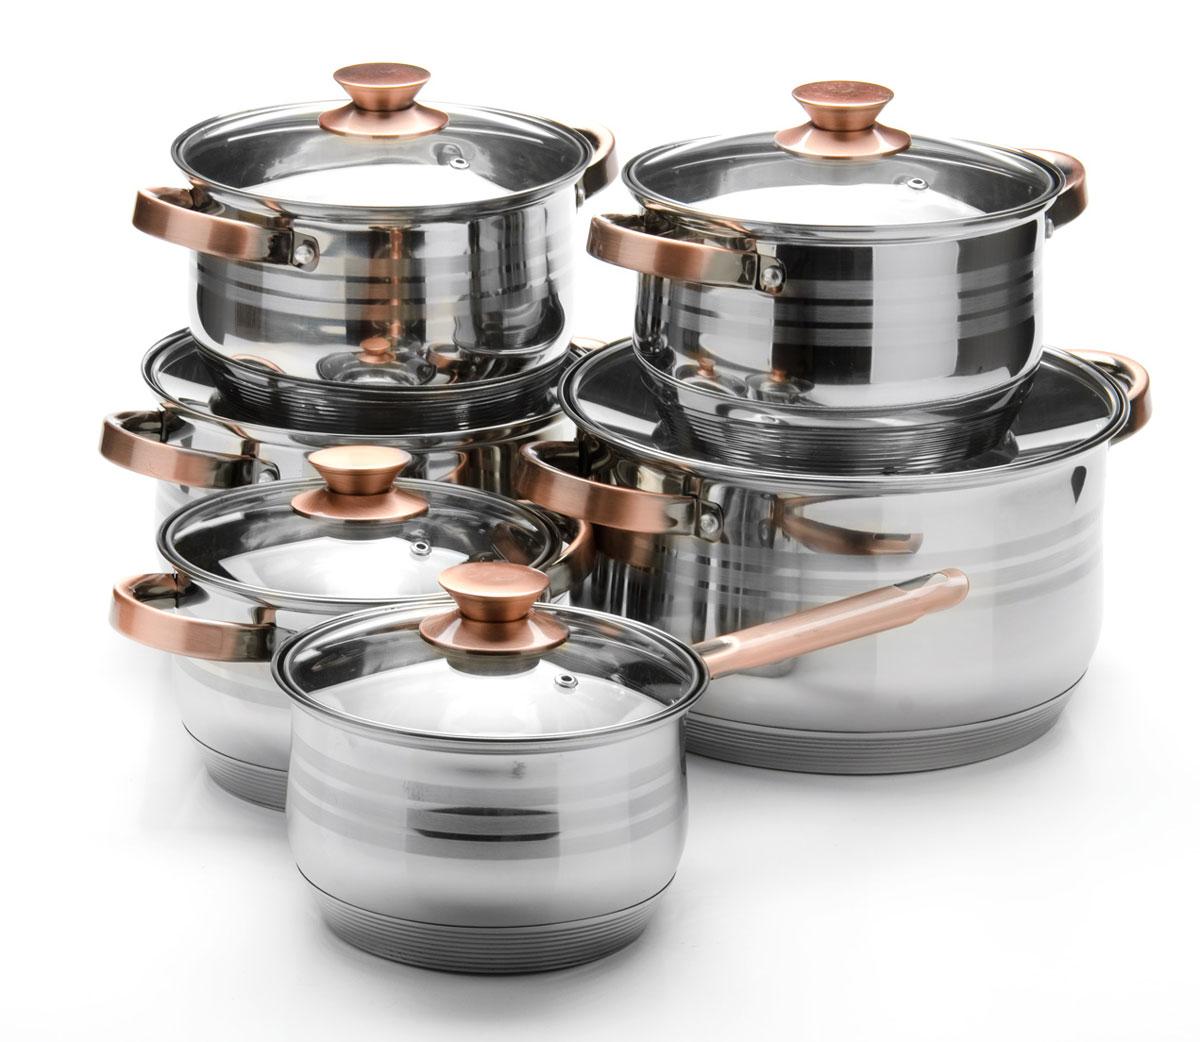 Набор посуды Mayer & Boch, 12 предметов. 2604268/5/4Набор посуды станет отличным дополнением к набору кухонной утвари. С его приобретением приготовление ваших любимых блюд перейдет на качественно новый уровень и вы сможете воплотить в жизнь любые кулинарные идеи. В комплект входят 12 предметов: сотейник (объем 2,1 л), 3 кастрюли (объем 2,1, 3,9, 6,6 л) и 2 кастрюли (объем 2,9 л), 6 крышек. Набор многофункционален и удобен в использовании, подойдет для варки супов, приготовления блюд из мяса и рыбы, гарниров, соусов т. д.